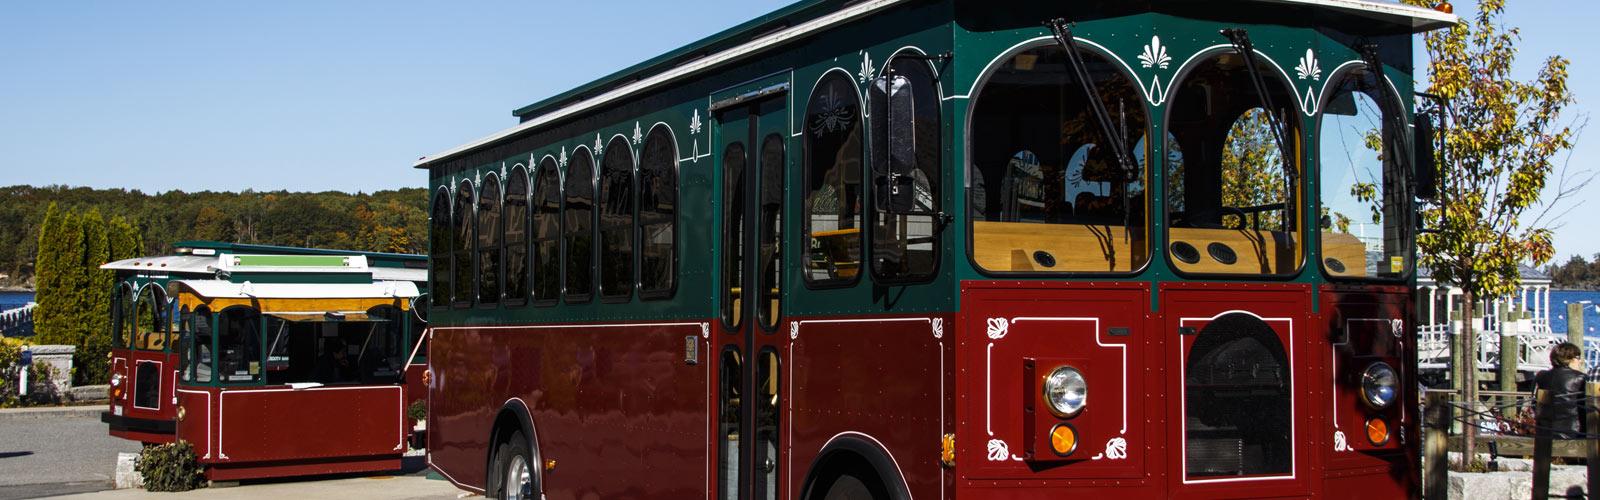 Blue Mountains Trolley Tours, Katoomba